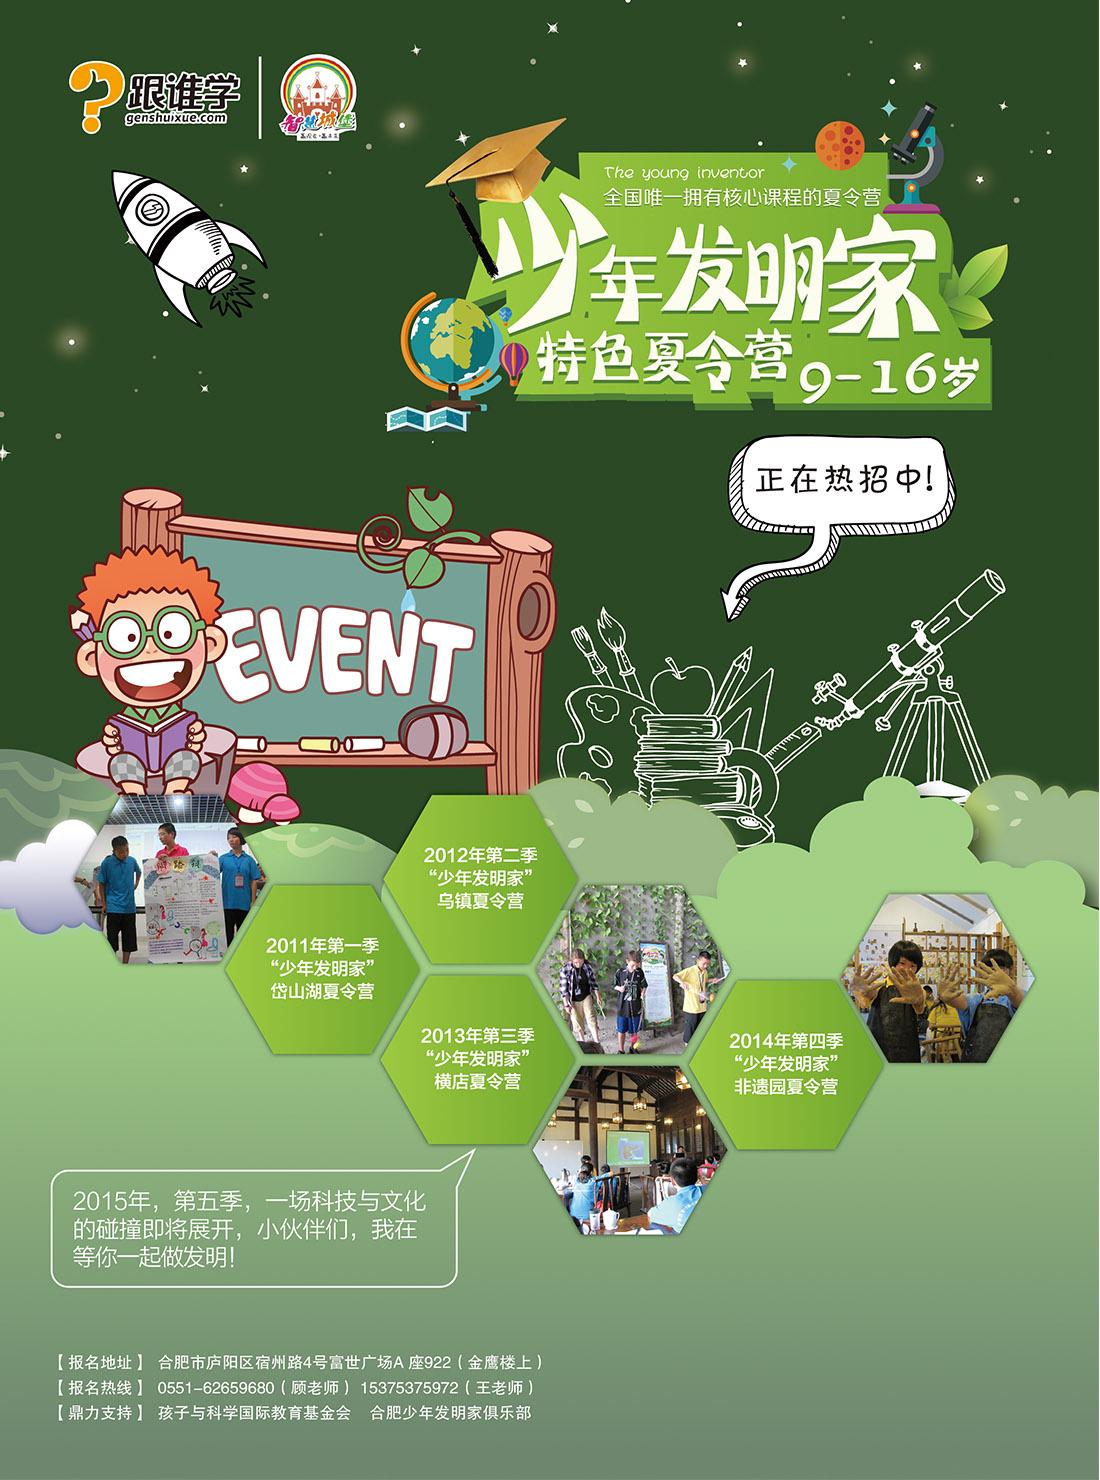 江苏扬州邗江区瘦西湖风景区